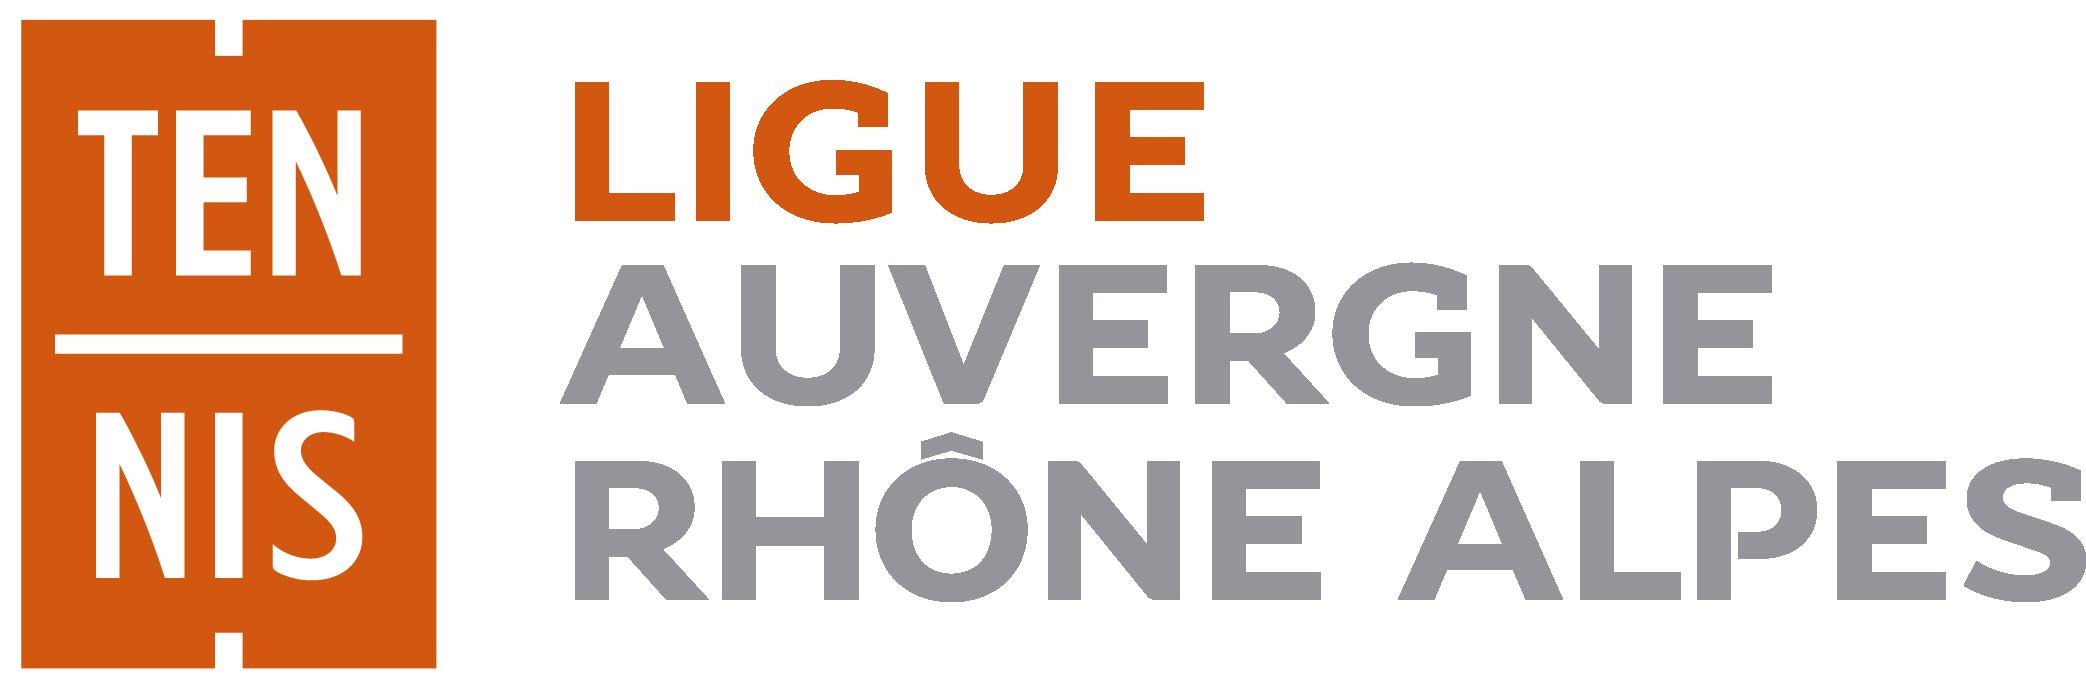 Ligue Auvergne Rhône-Alpes de Tennis